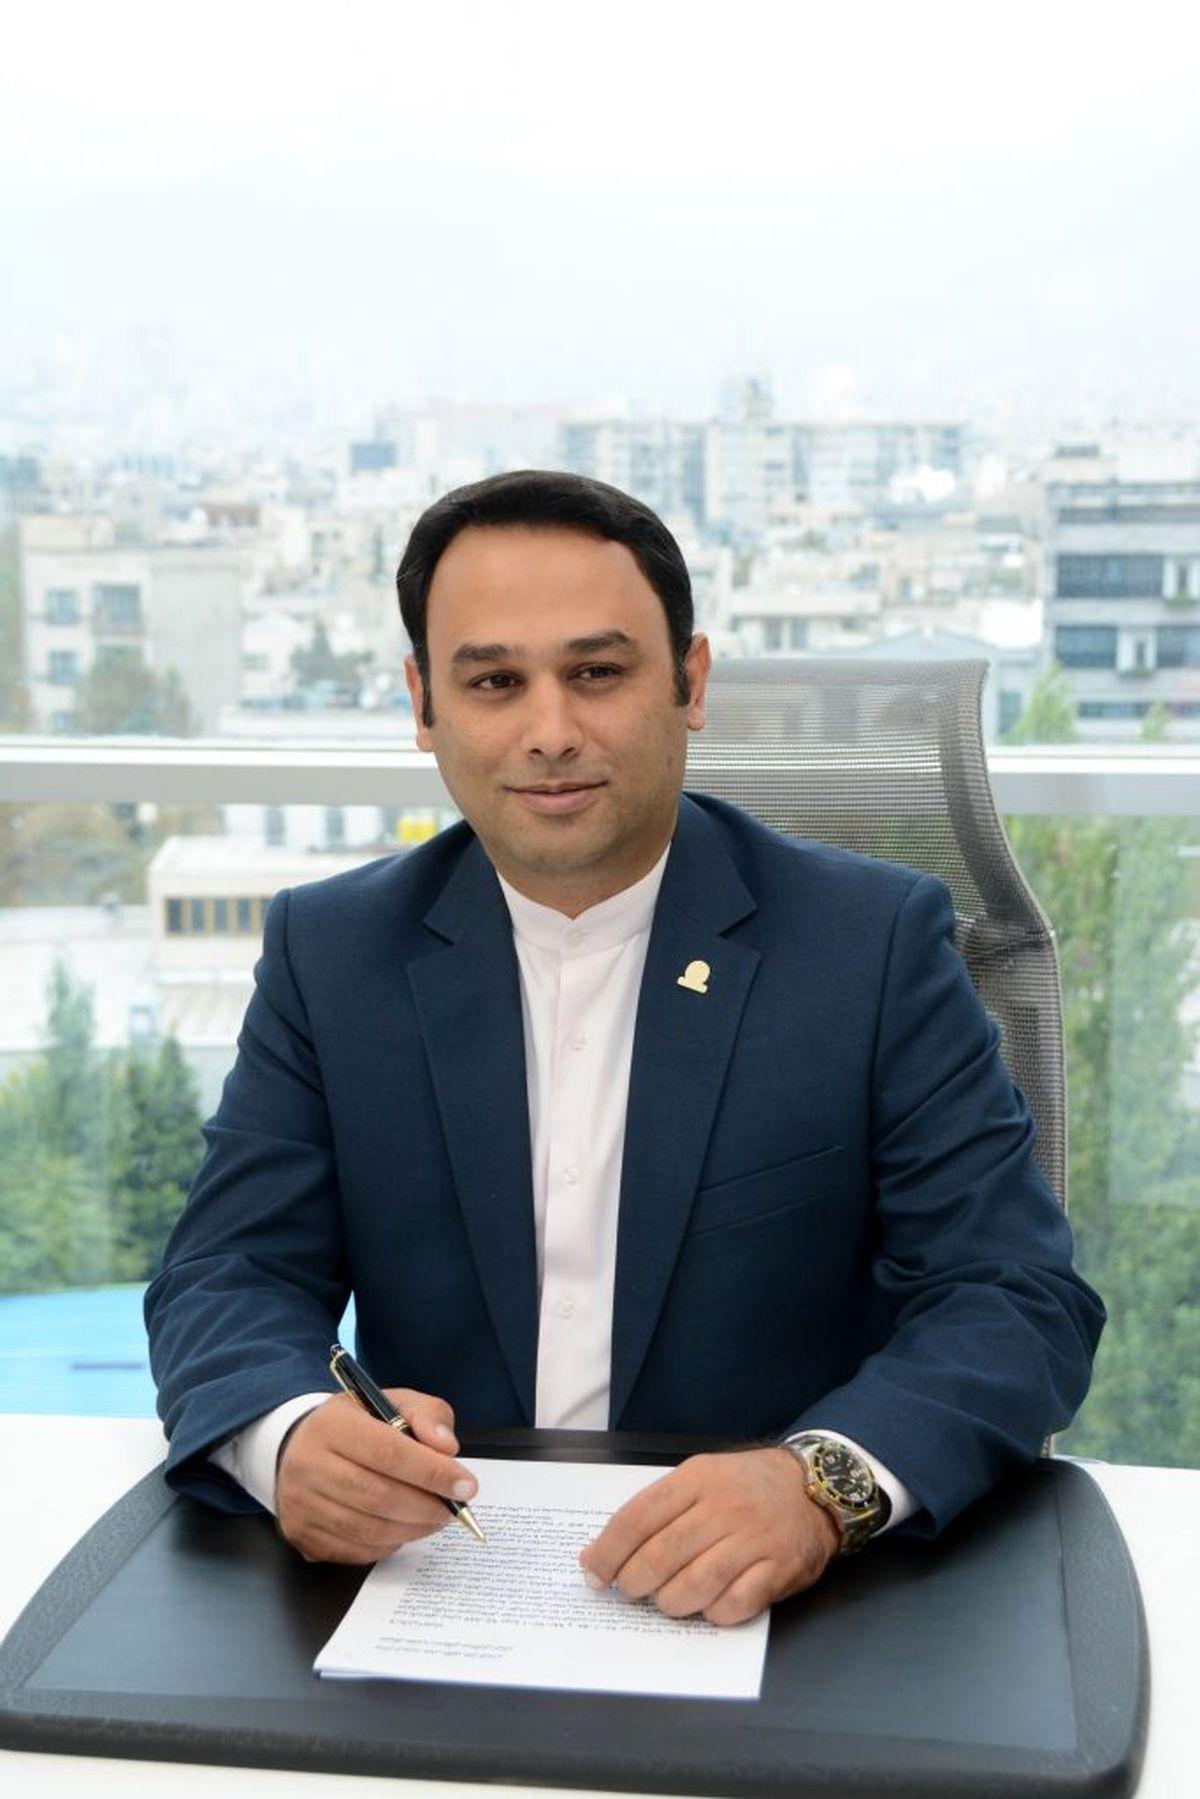 مدیرعاملی نیما نوراللهی برای بیمه تجارت نو تمدید شد